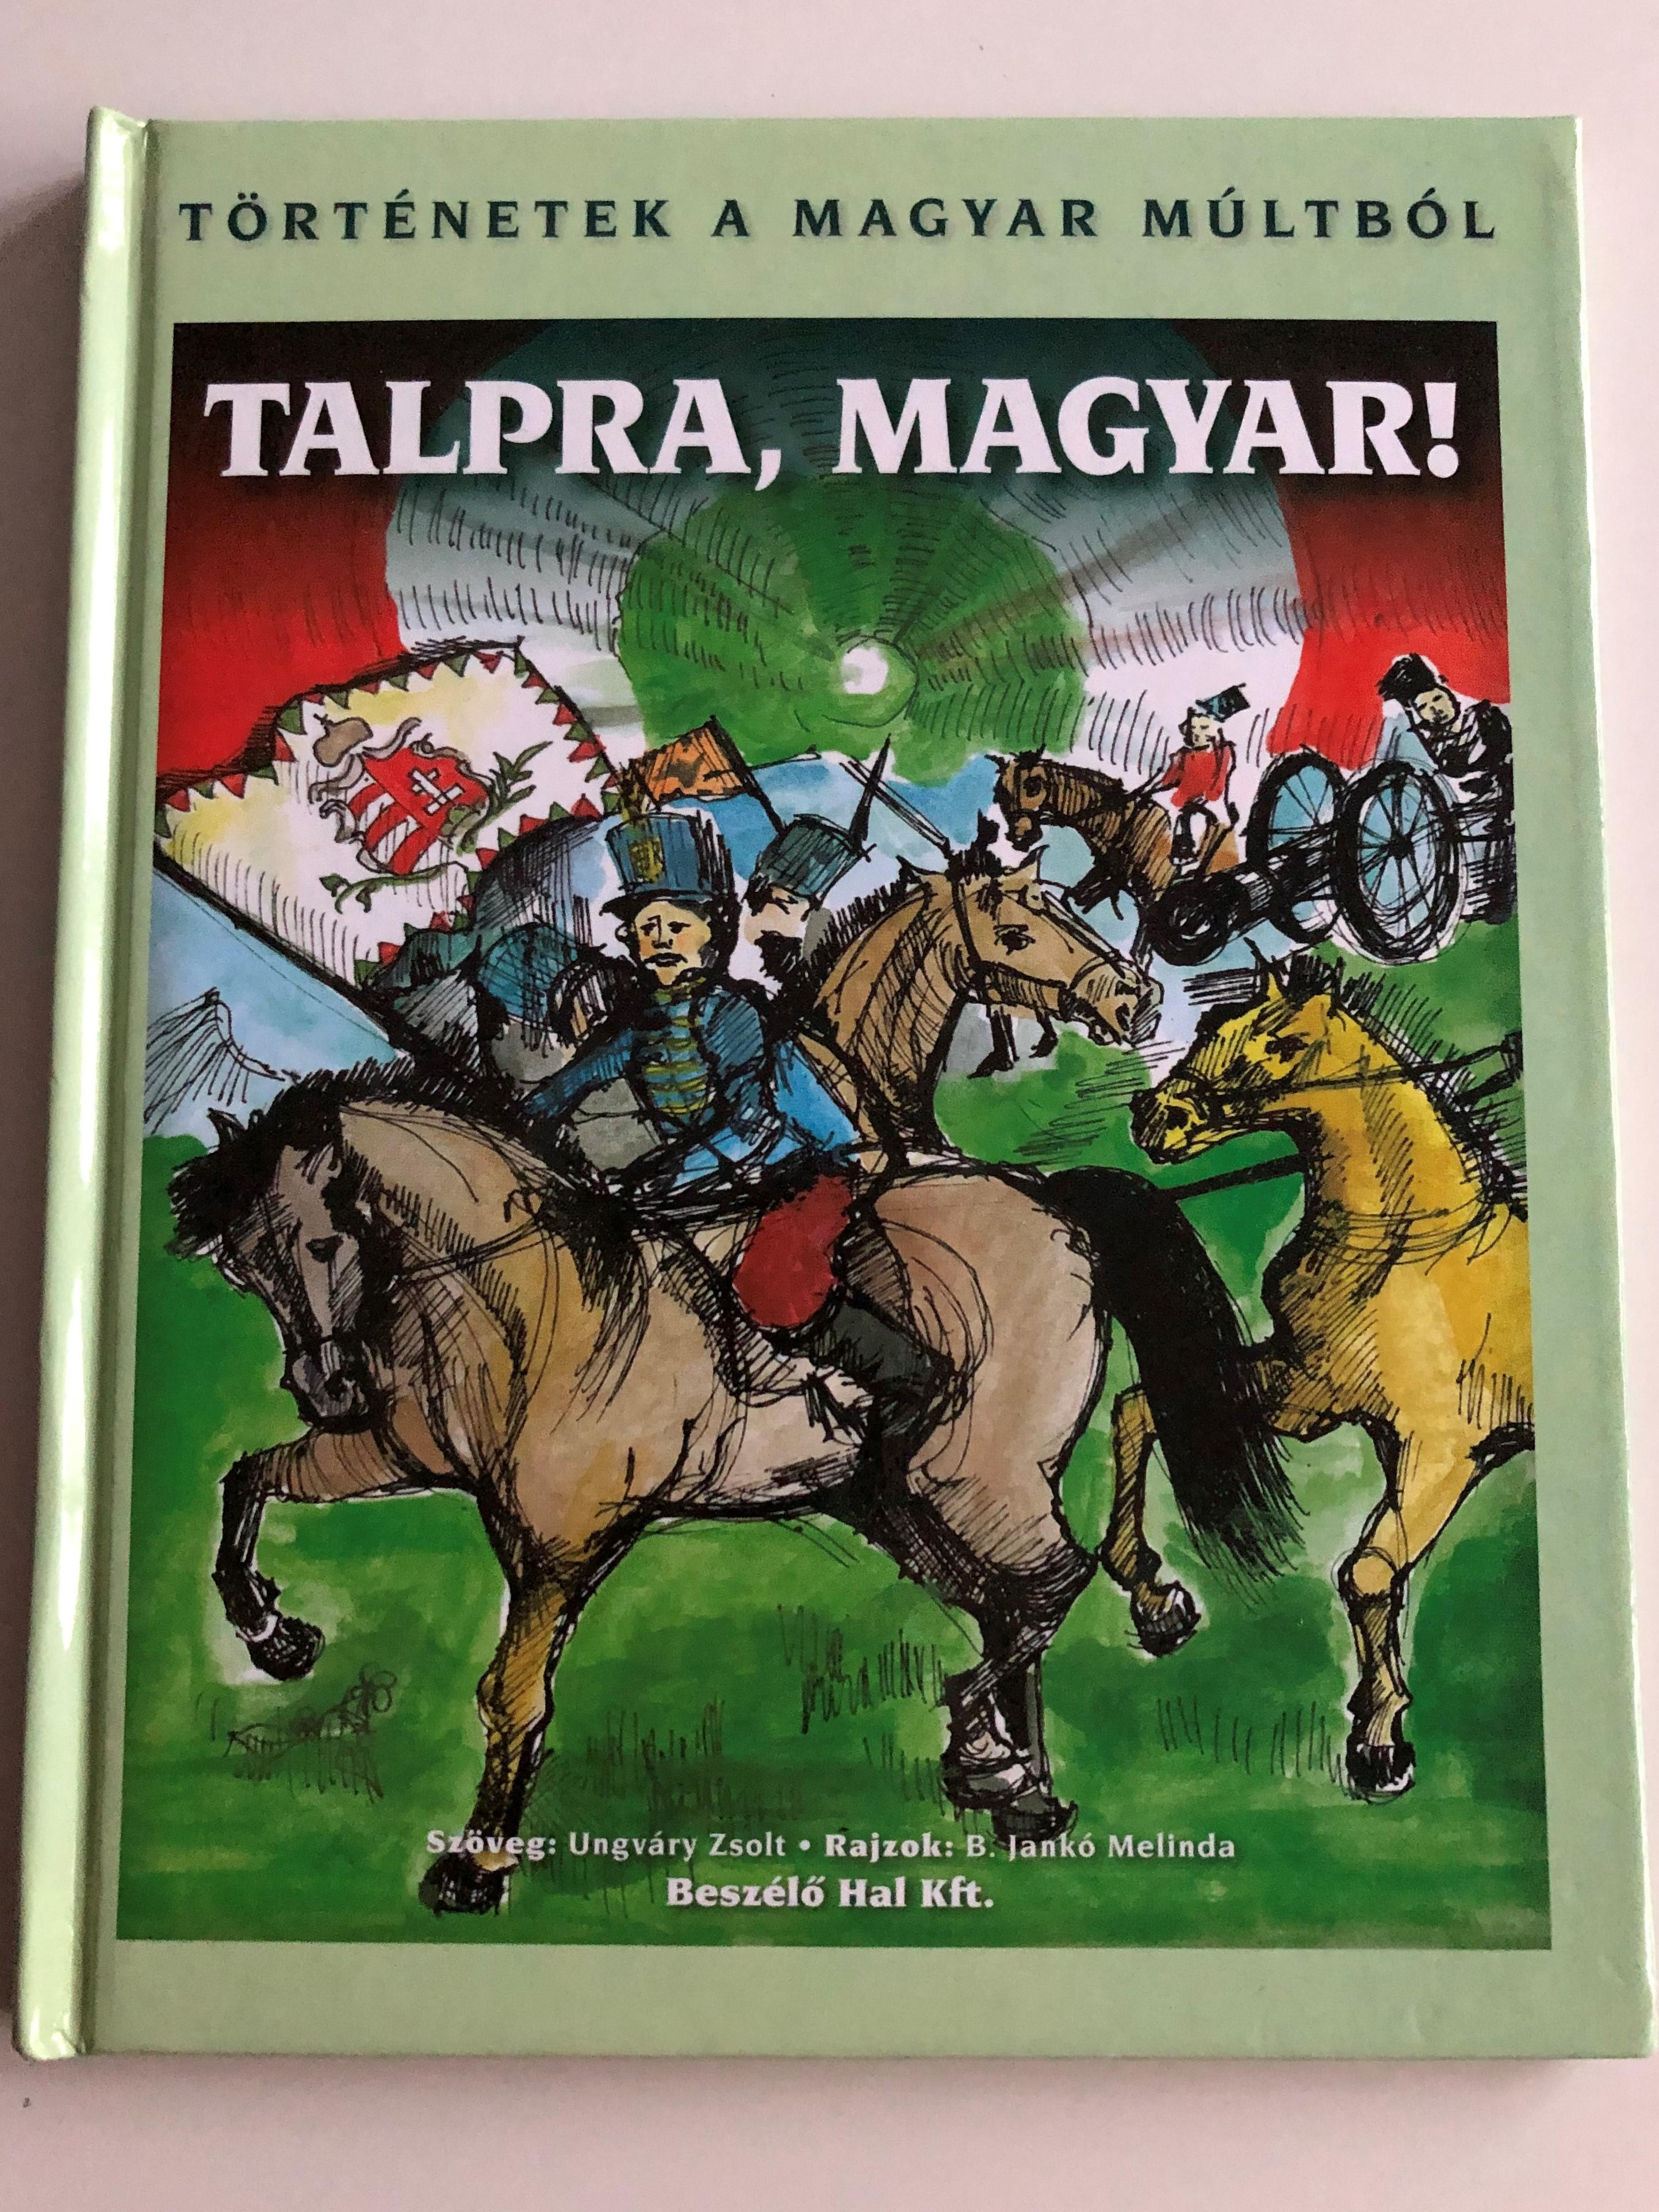 talpra-magyar-by-ungv-ry-zsolt-t-rt-netek-a-magyar-multb-l-1-.jpg